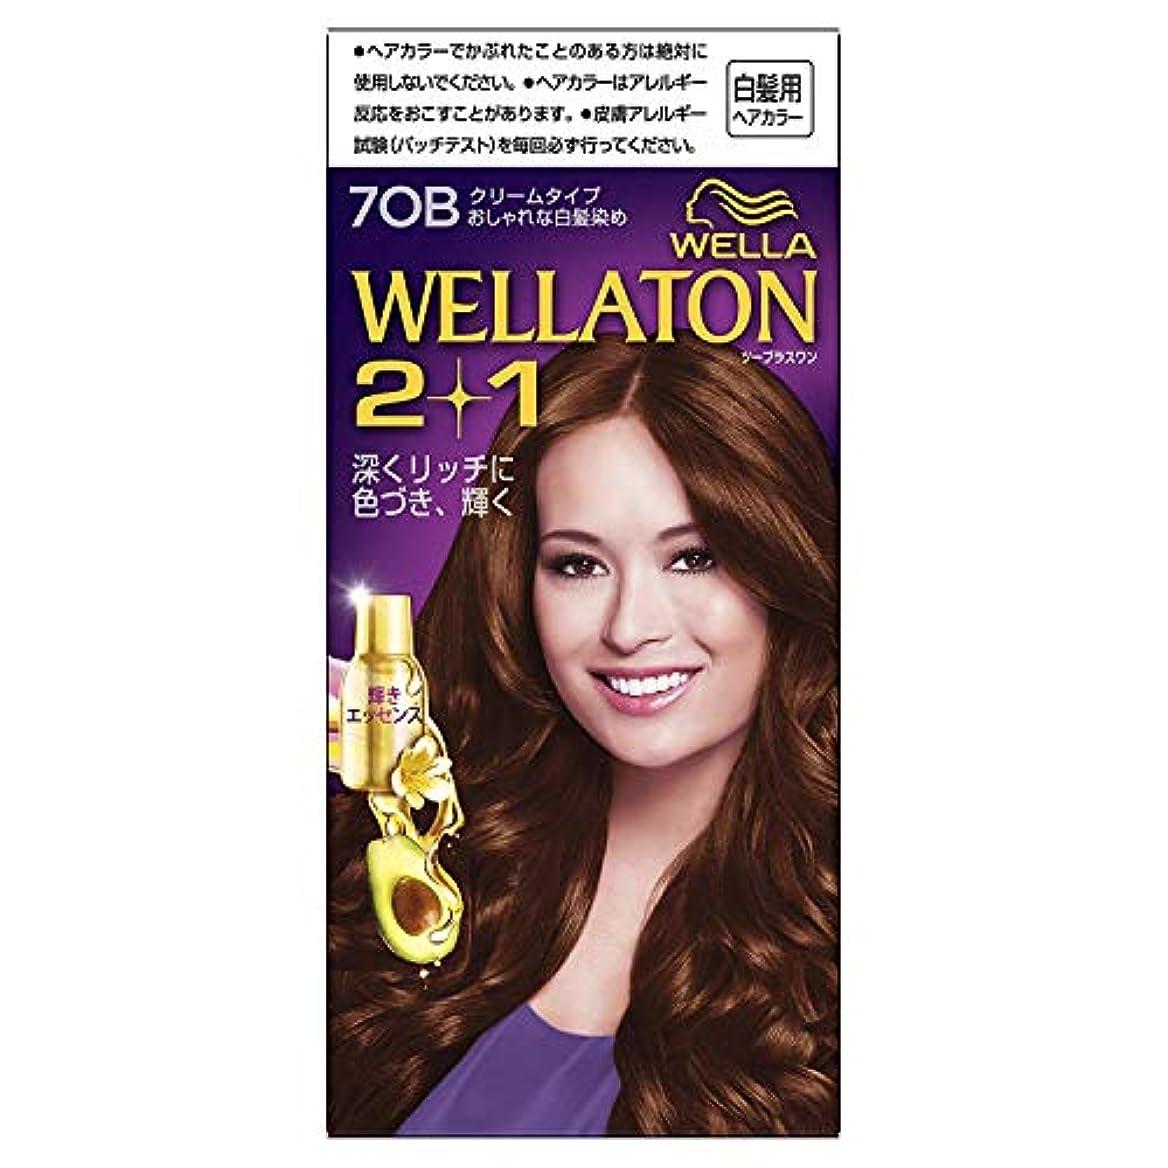 サイトライン記念品レースウエラトーン2+1 白髪染め クリームタイプ 7OB [医薬部外品] ×6個